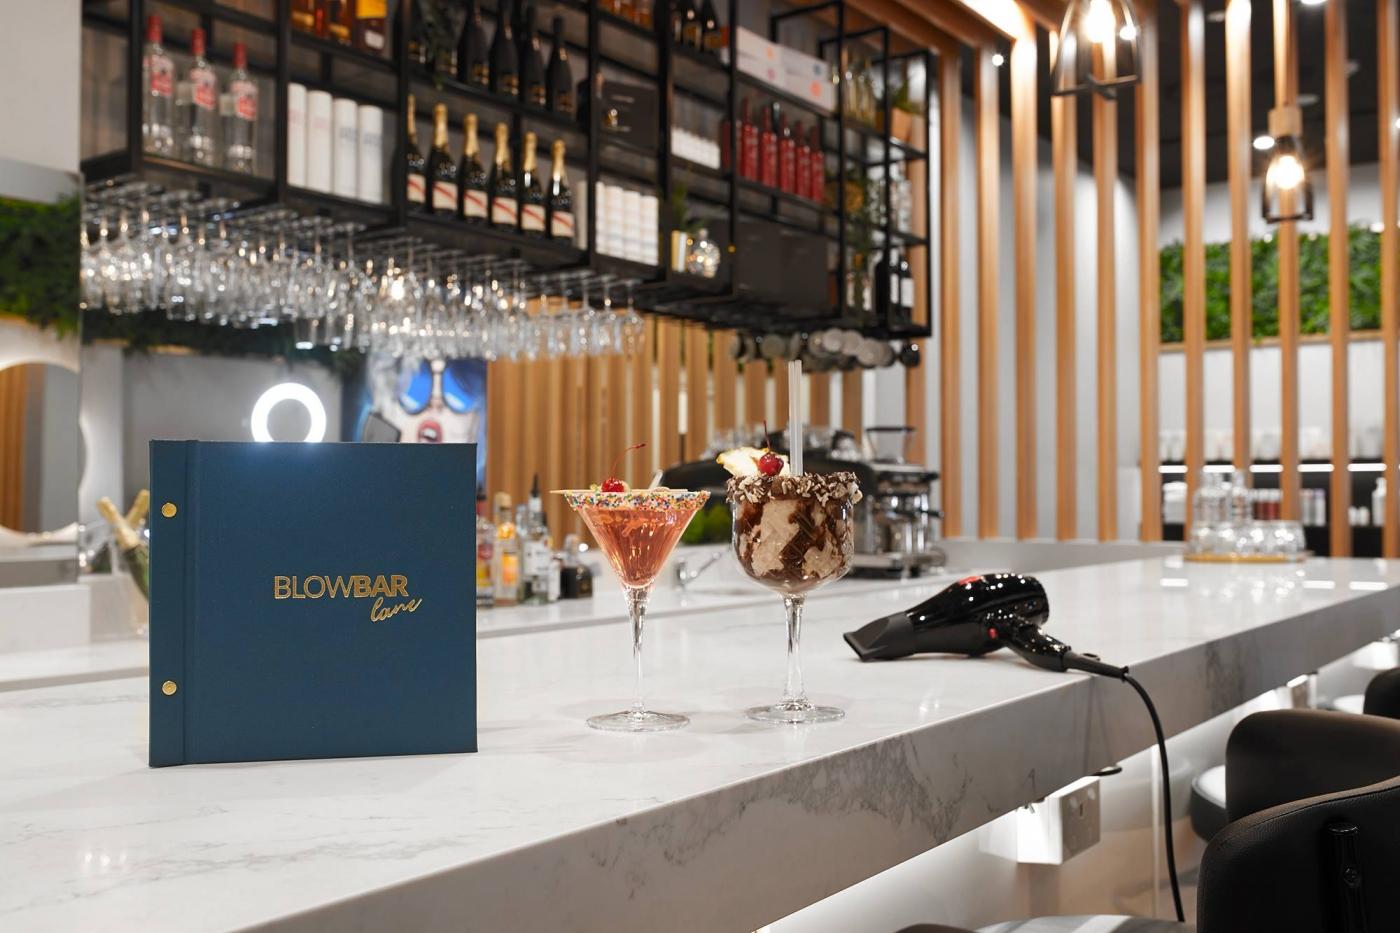 blow bar lane 4